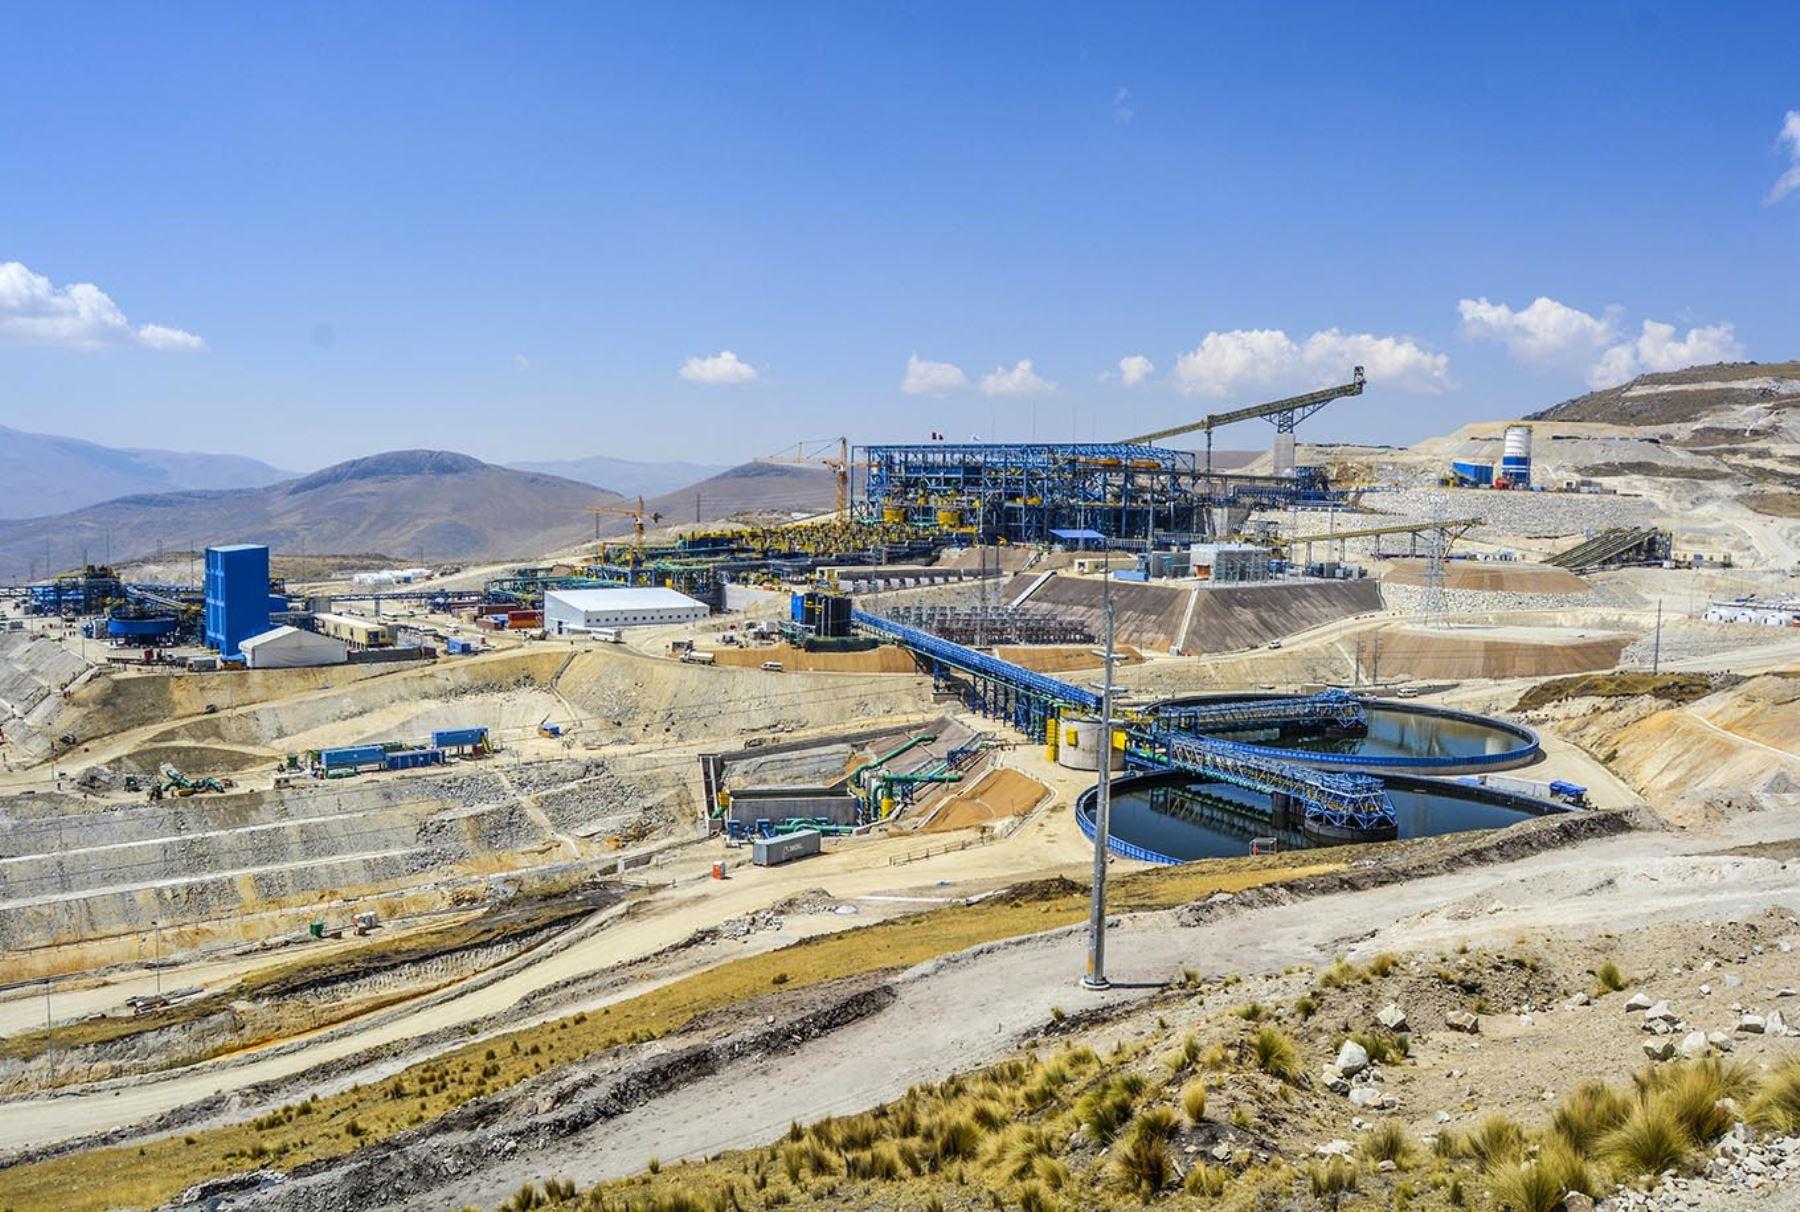 nuevo-reglamento-de-procedimientos-mineros-se-aplana-el-terreno-a-las-inversiones